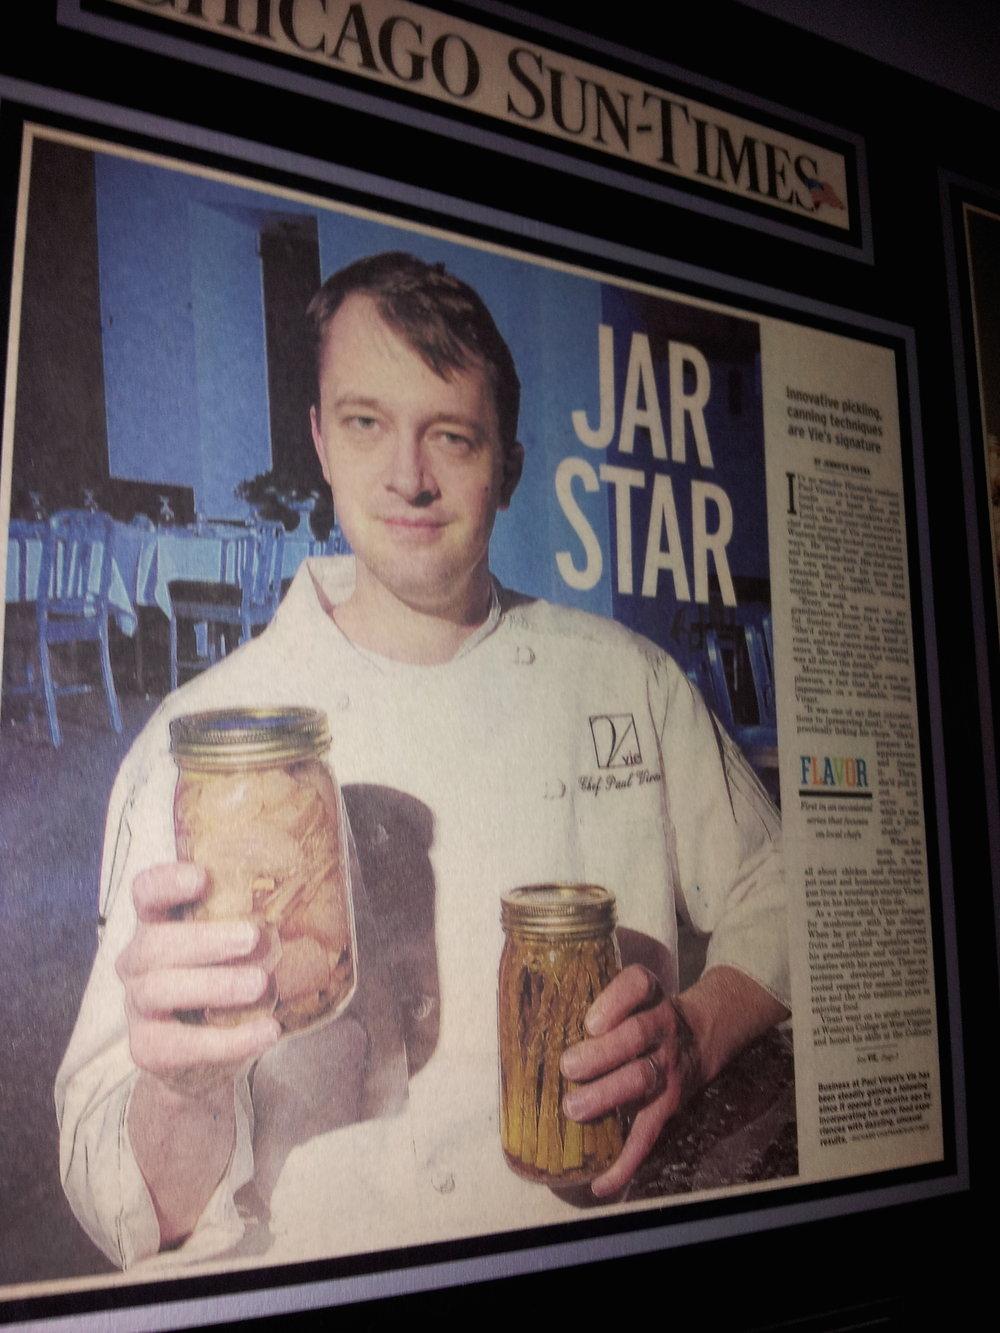 jar-star-2005.jpg